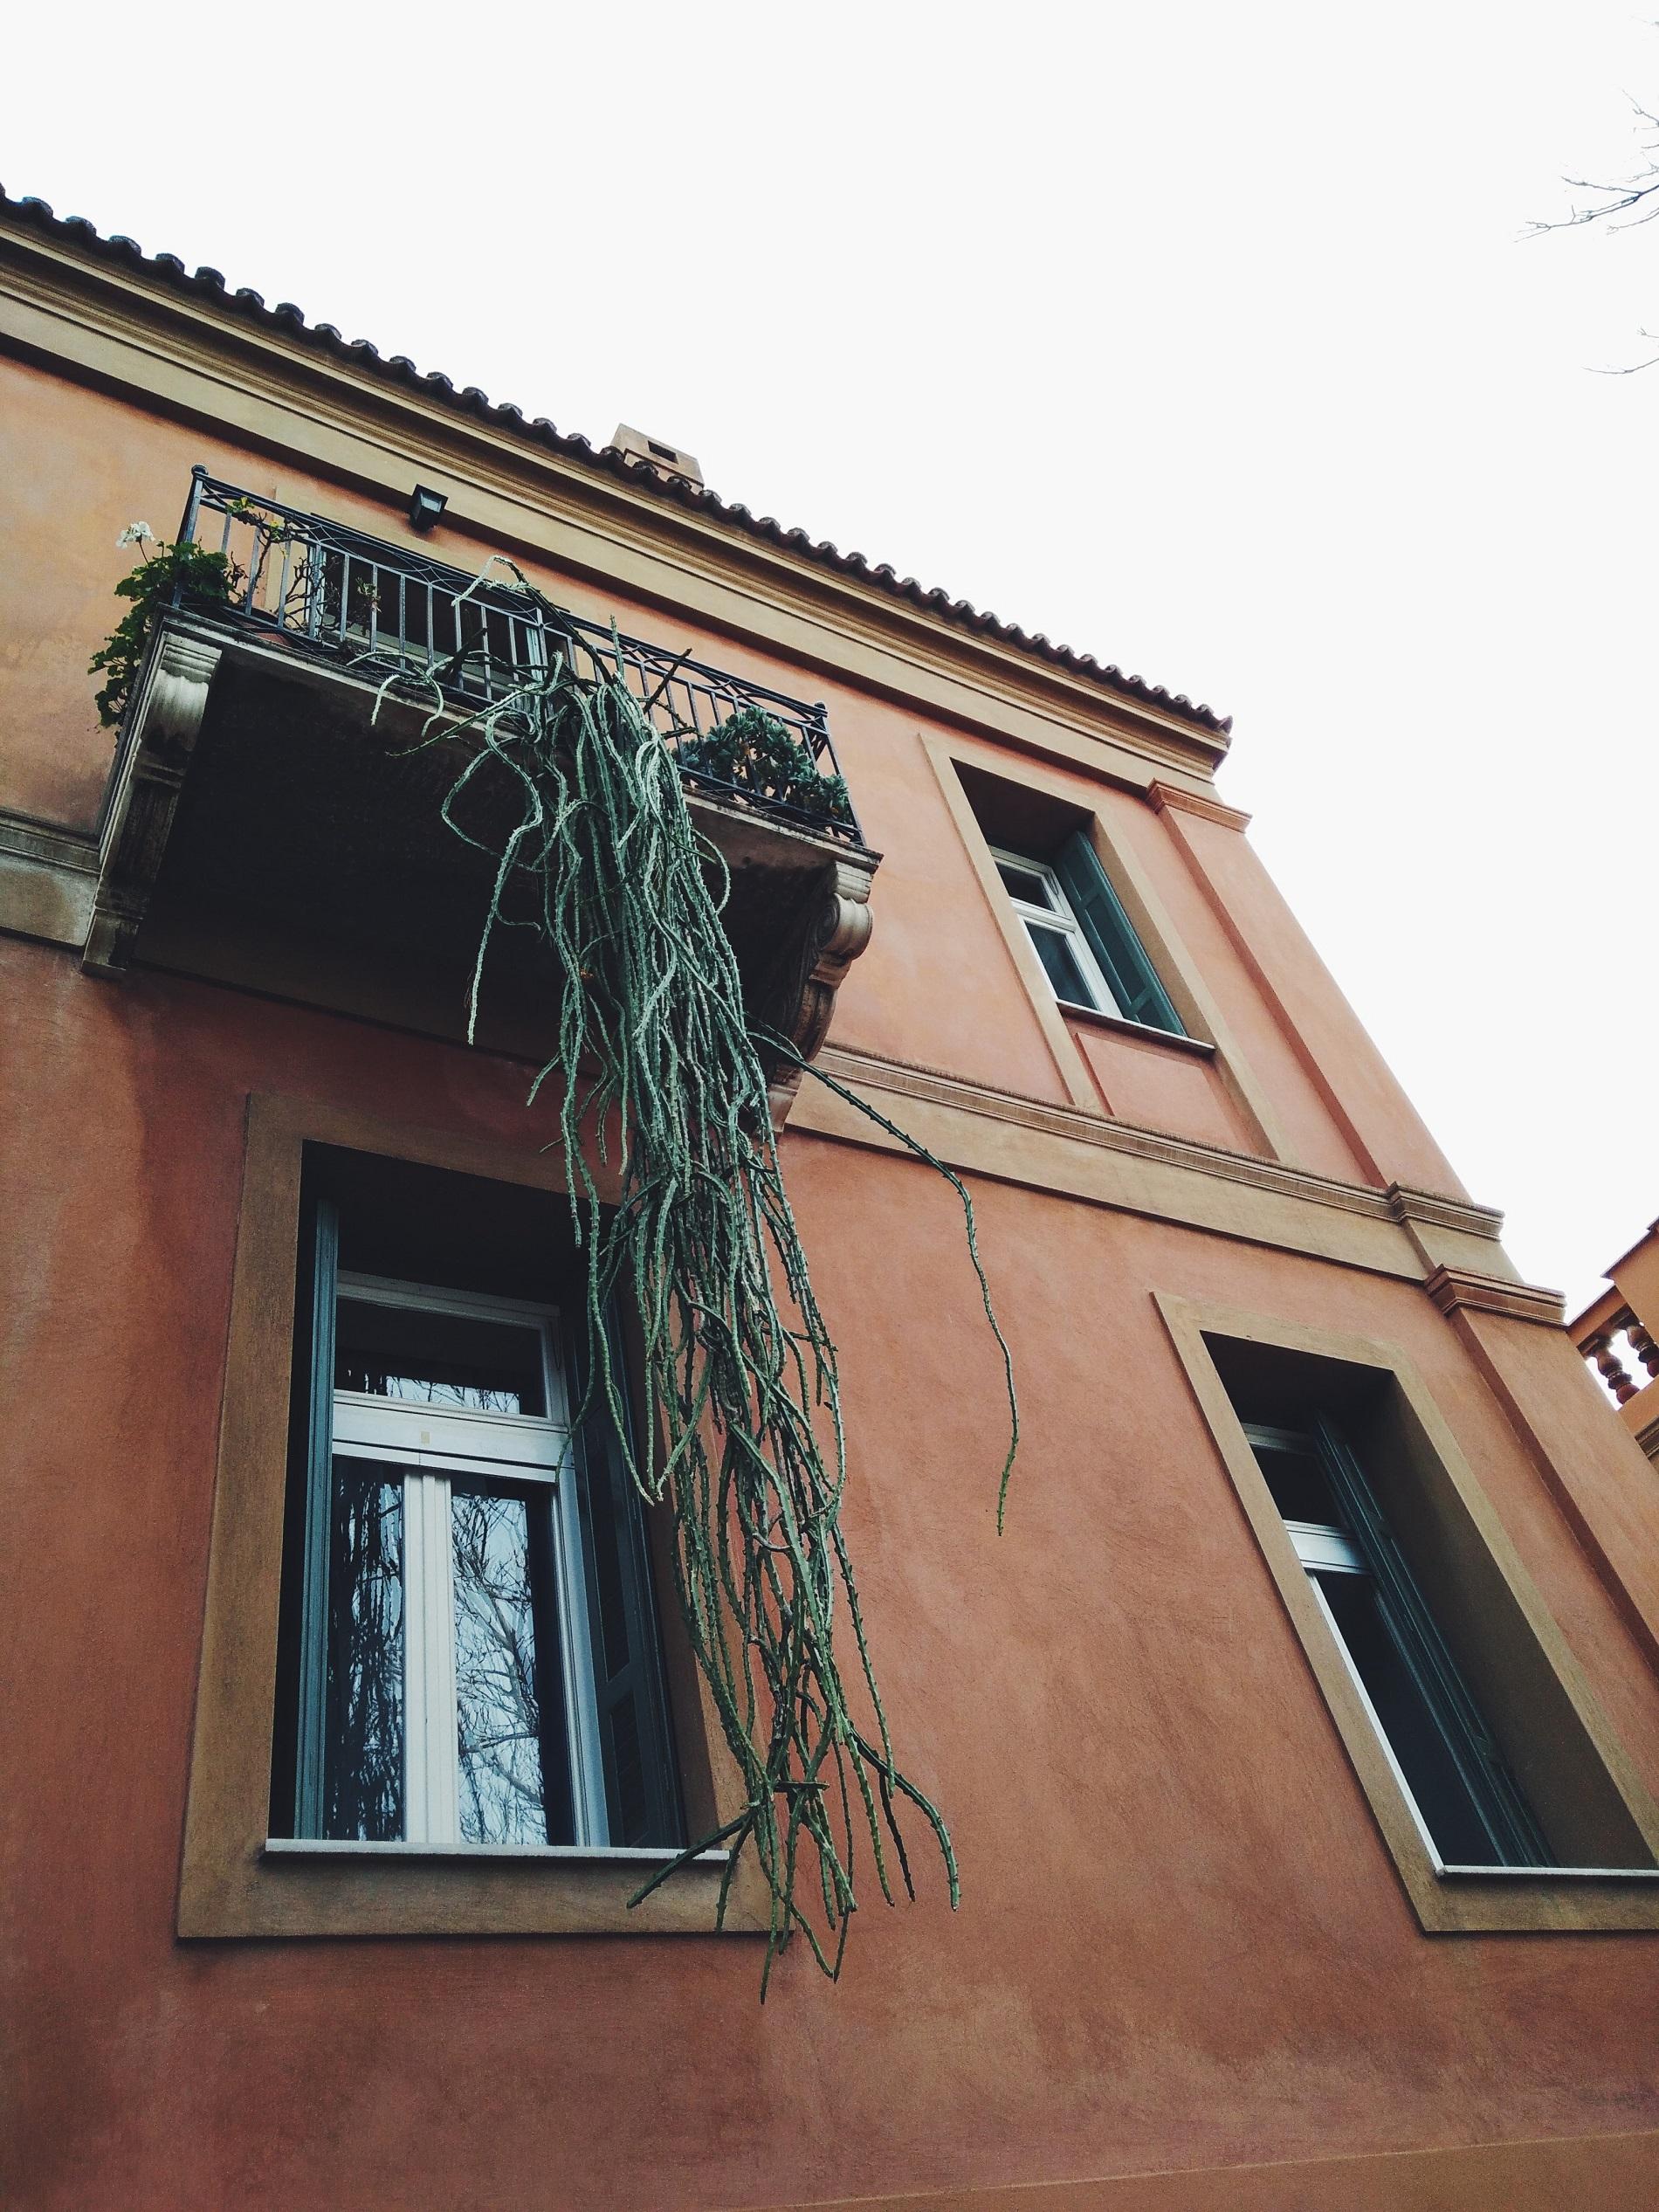 Γραφικο κτιριο με ενα φυτο που τραβαει τα βλεμματα